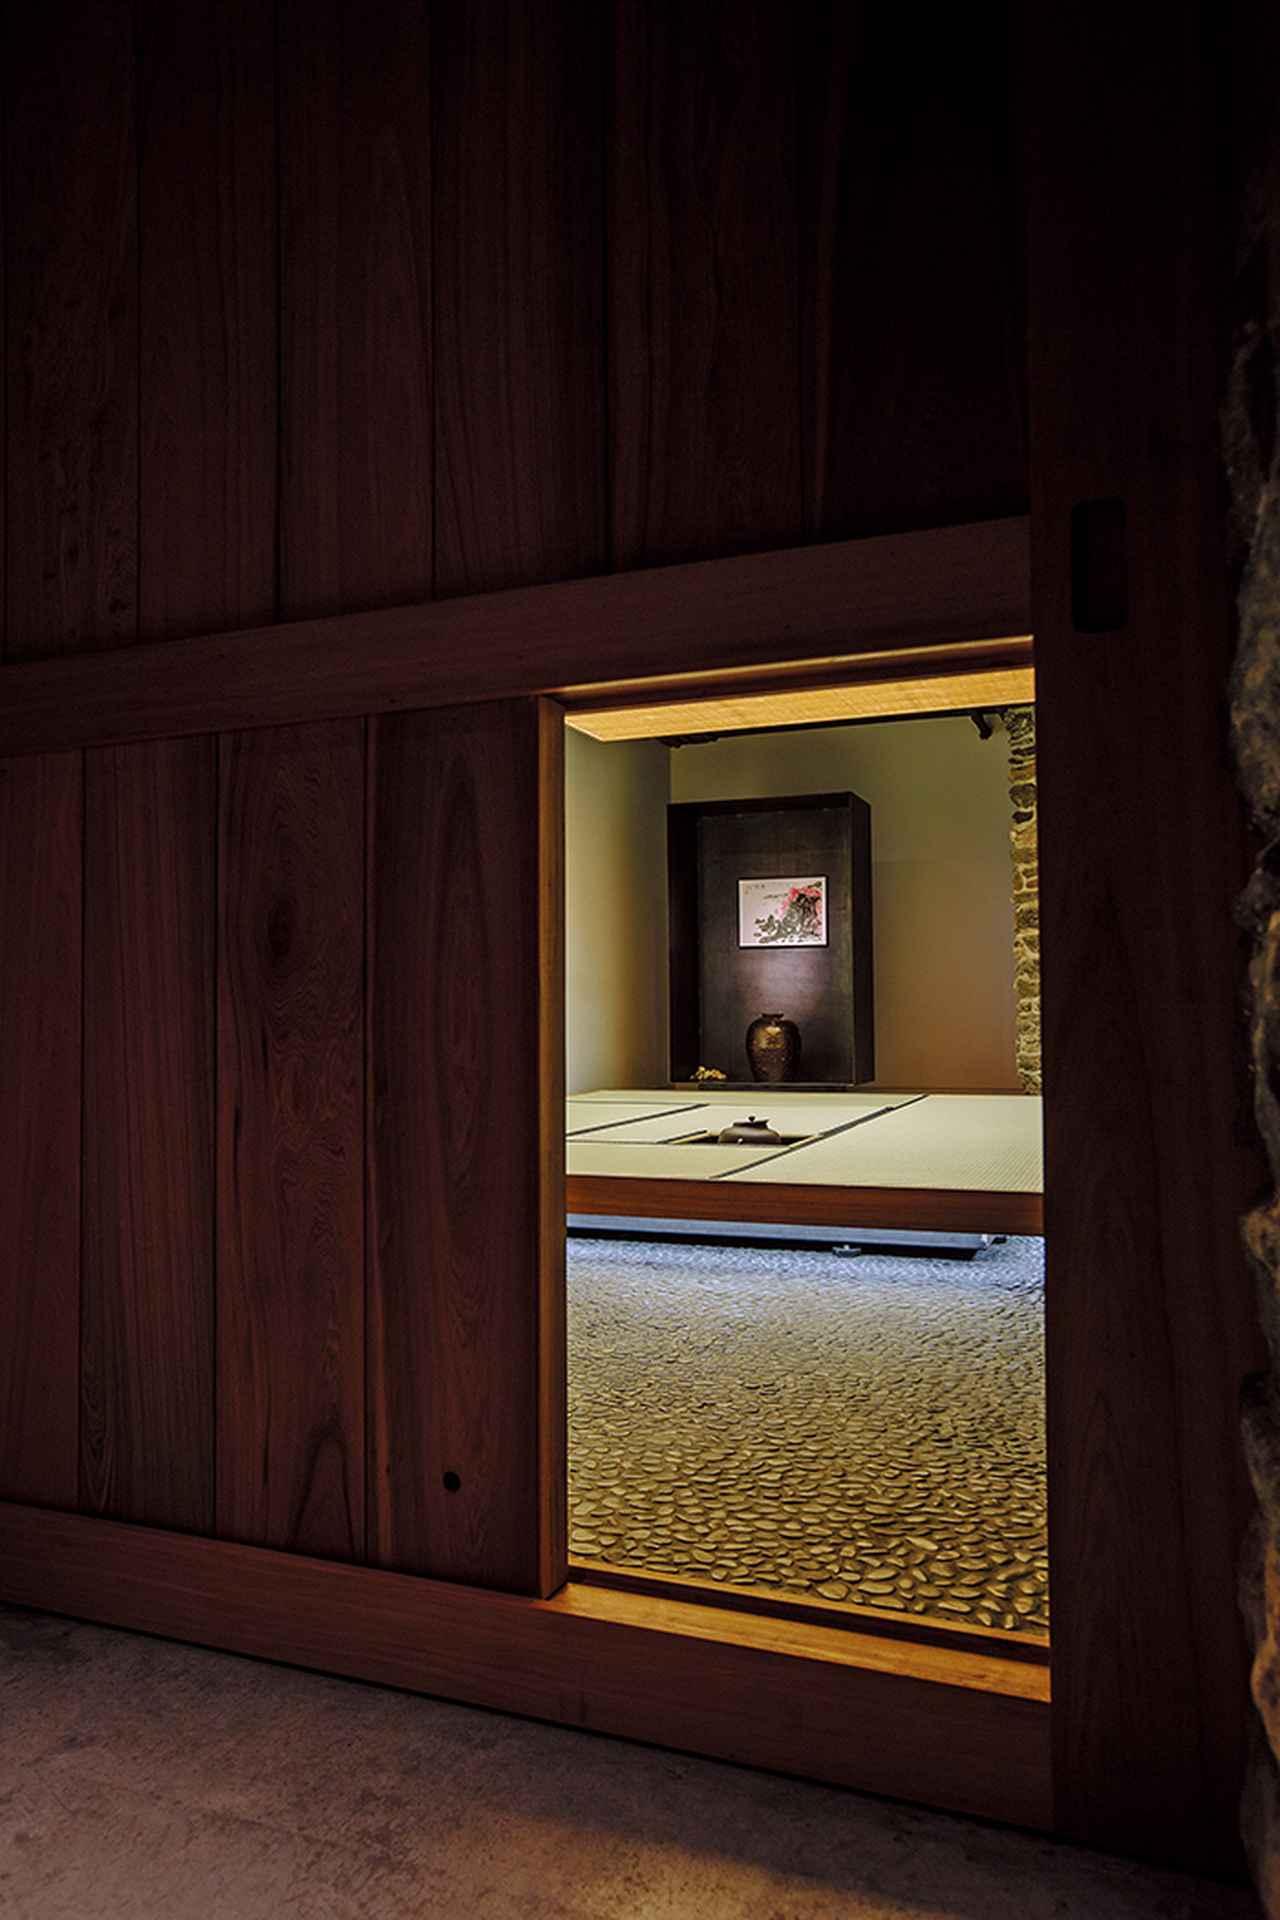 Images : 1番目の画像 - 「アーティストには 茶室が必要である」のアルバム - T JAPAN:The New York Times Style Magazine 公式サイト